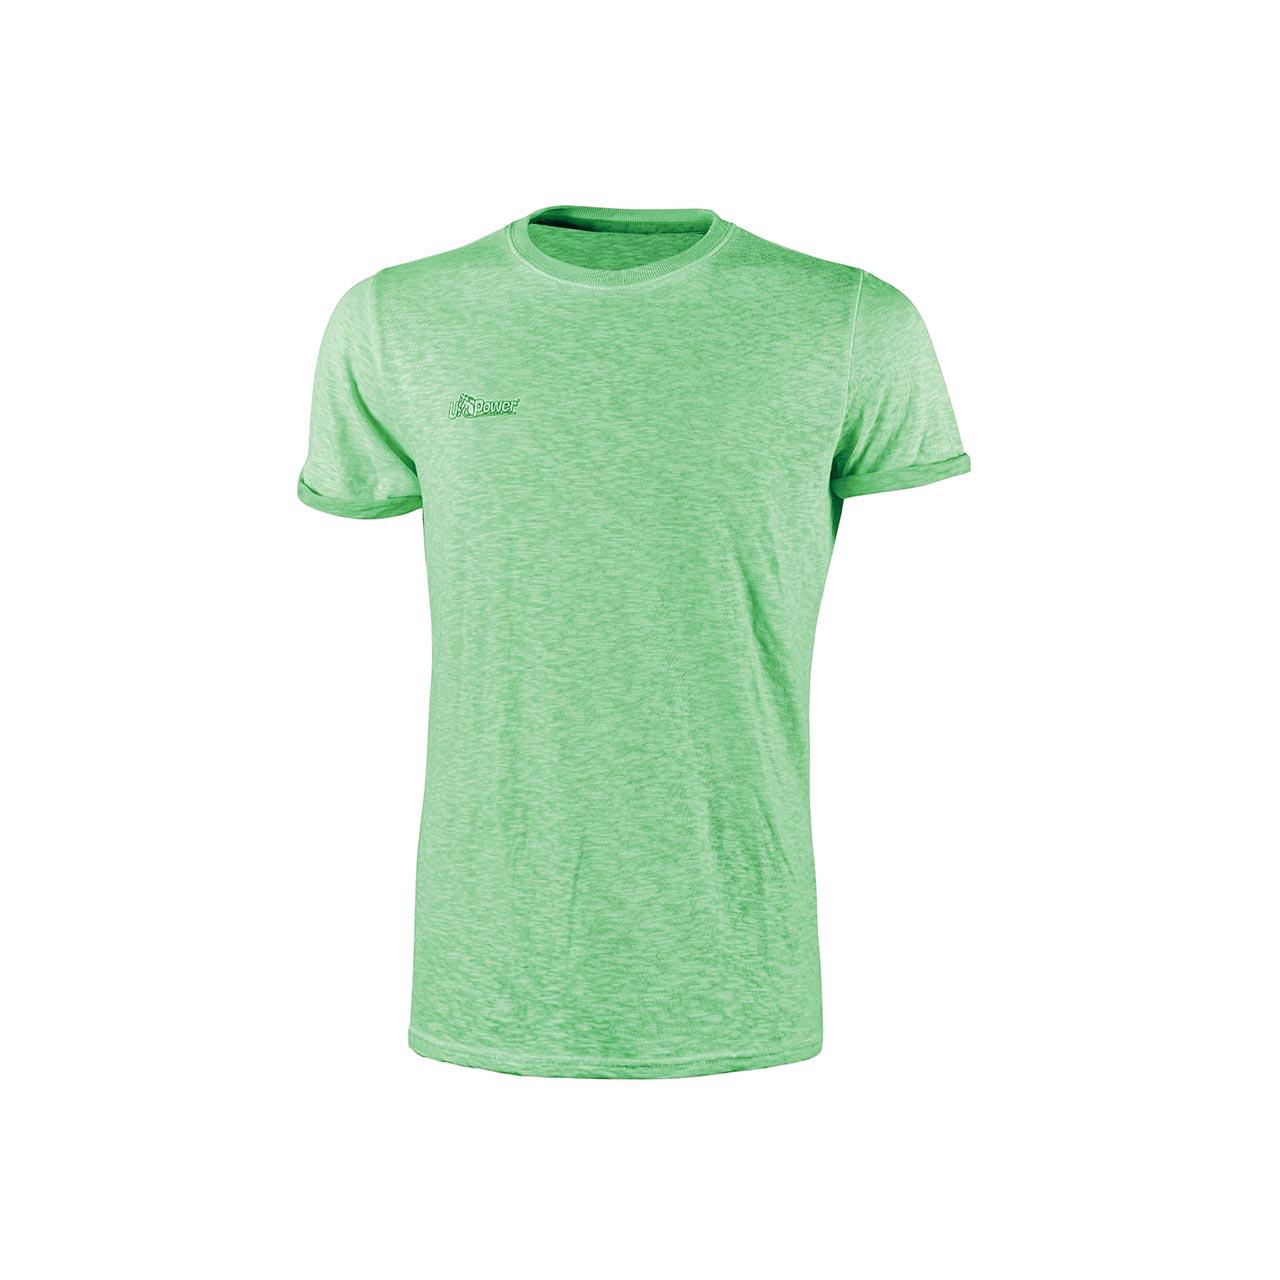 Tshirt da lavoro upower modello fluo colore verde fluo prodotto